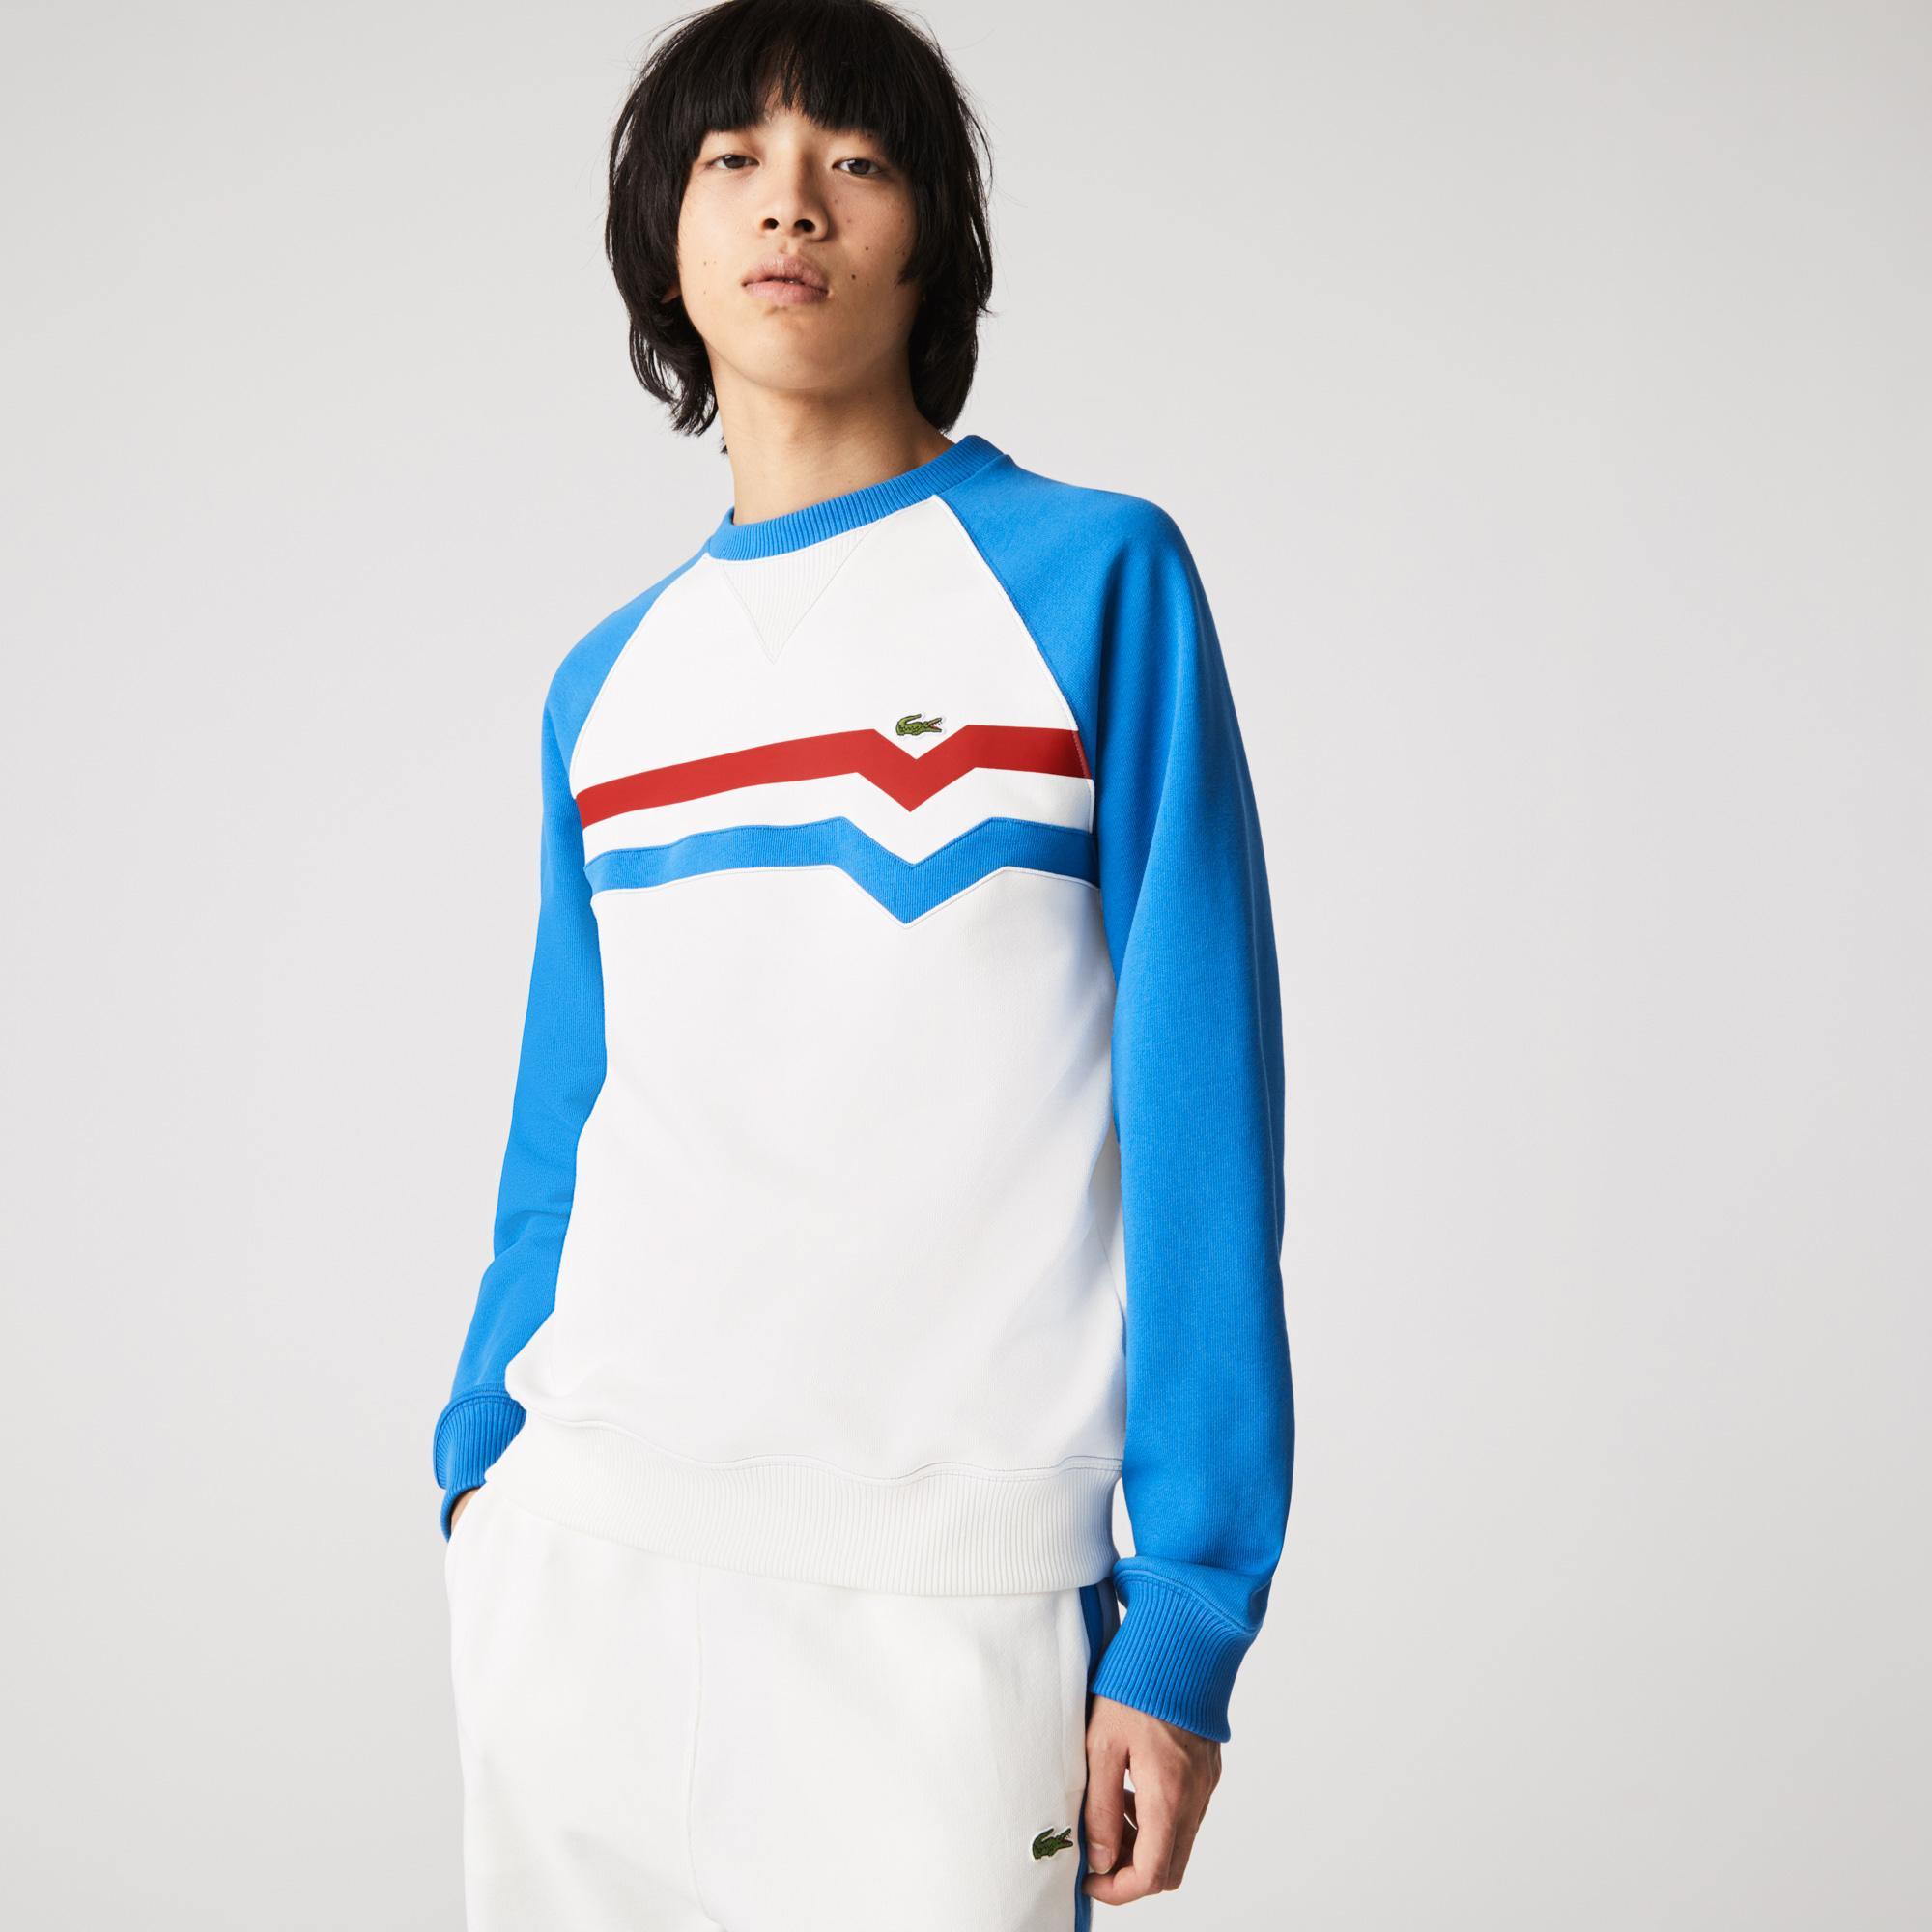 Lacoste Męska bluza polarowa, Loose Fit, z blokami kolorystycznymi, Made in France